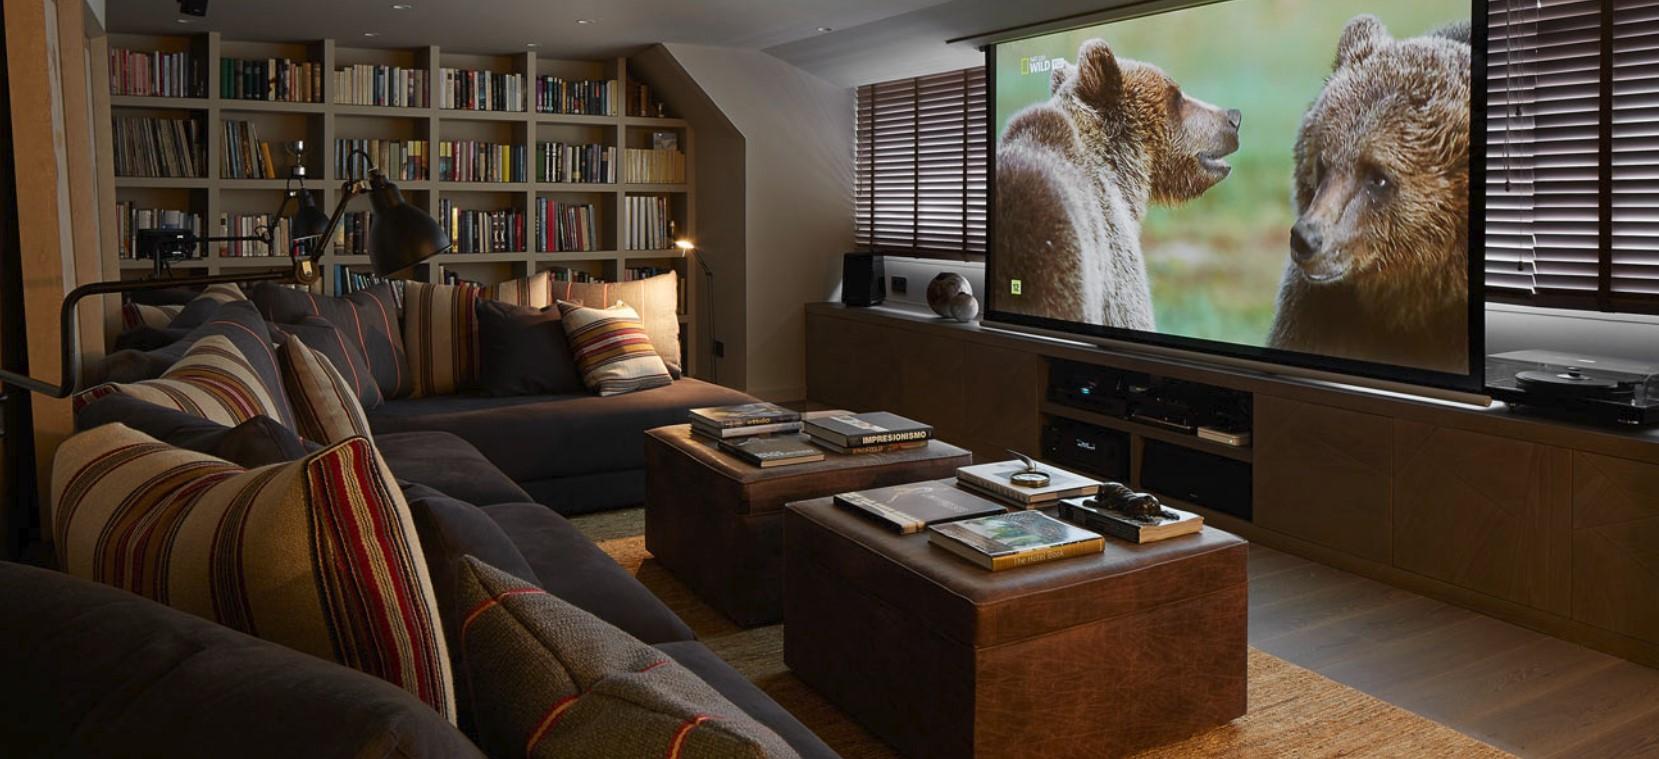 Instalaciones cine en casa pont reyes - Sala de cine en casa ...